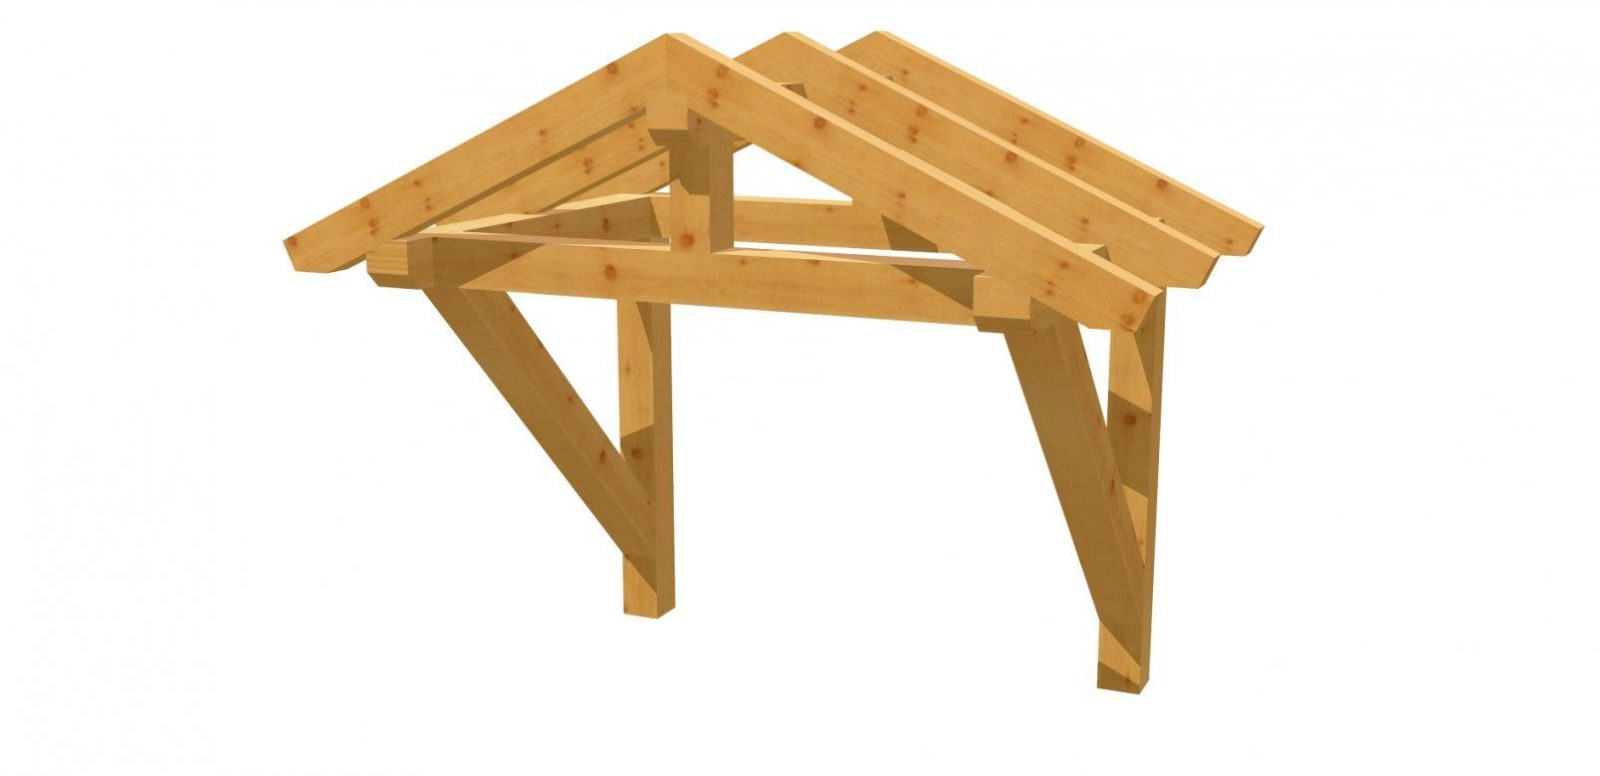 Holzvordach Selber Bauen  Holzbauplan von Vordach Selber Bauen Bauanleitung Bild